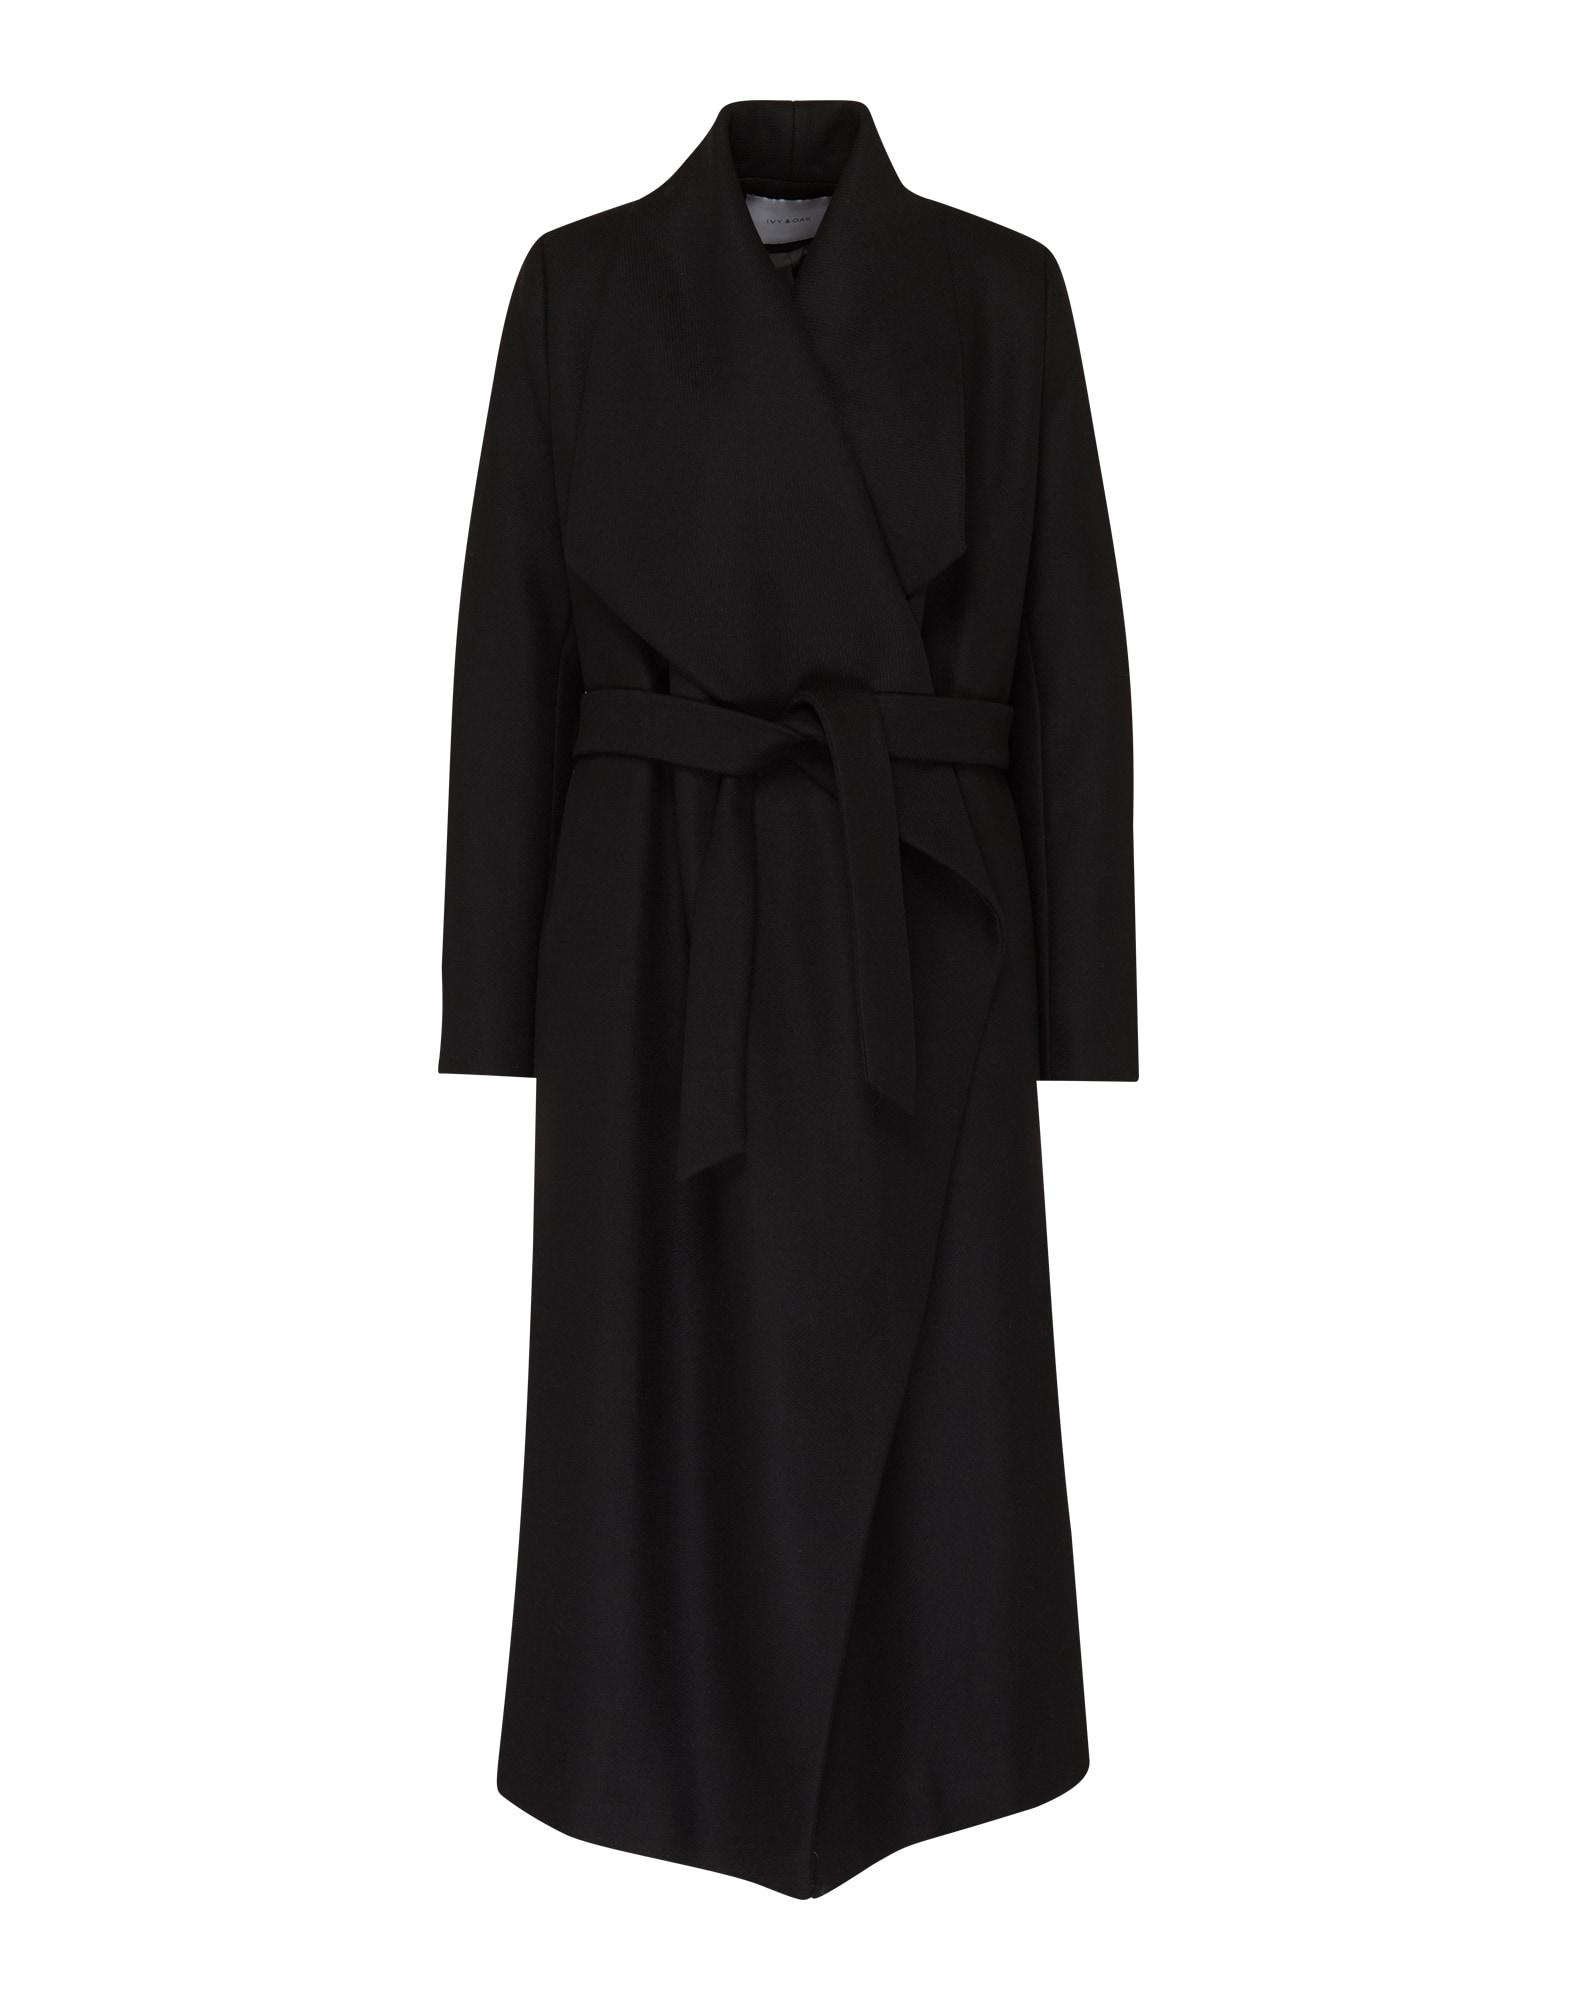 IVY & OAK Rudeninis-žieminis paltas 'Bathrobe' juoda